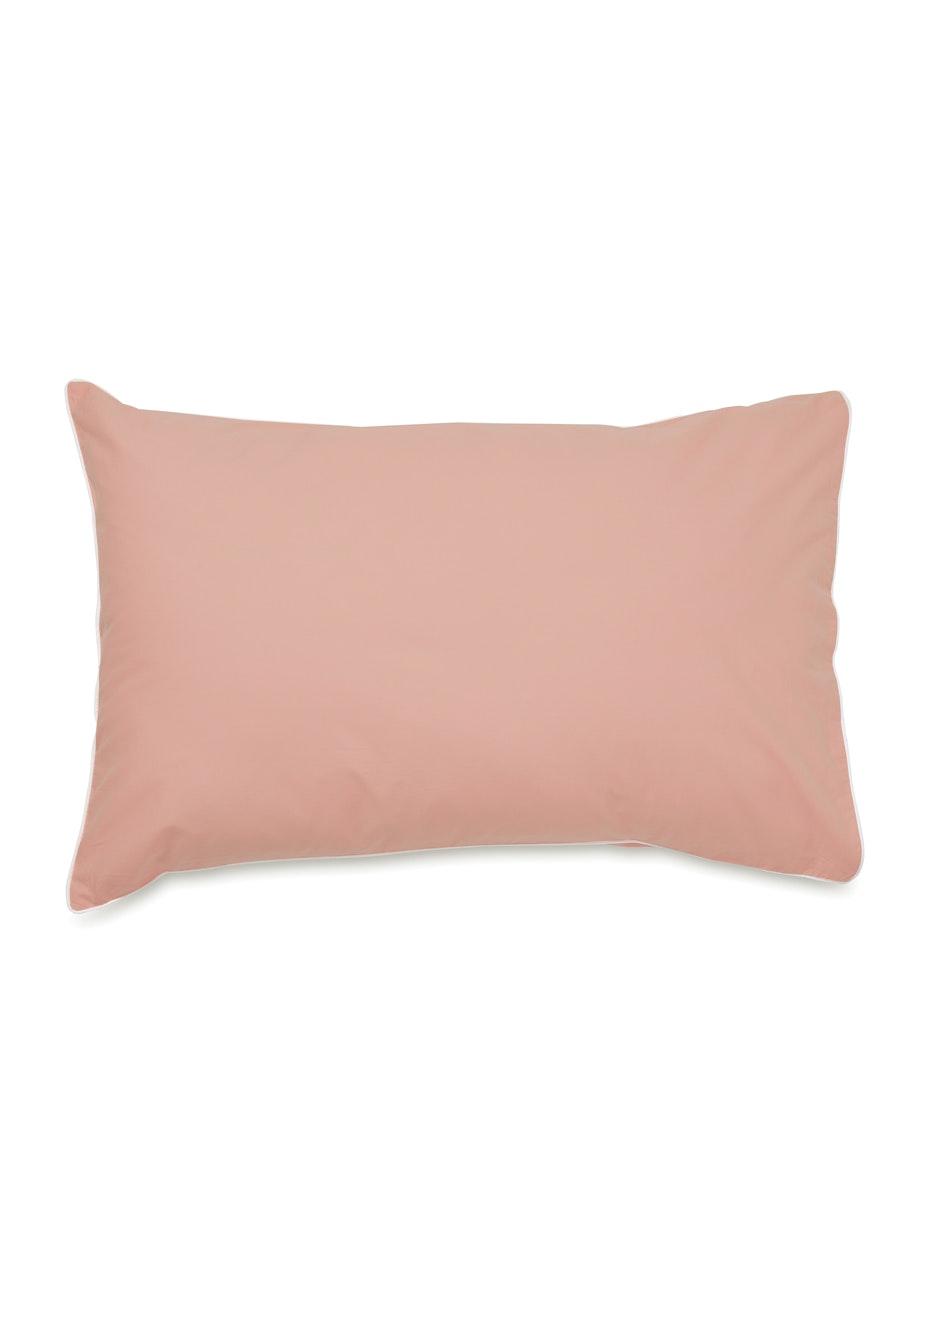 Città - Piped Cotton Pillowcase PR